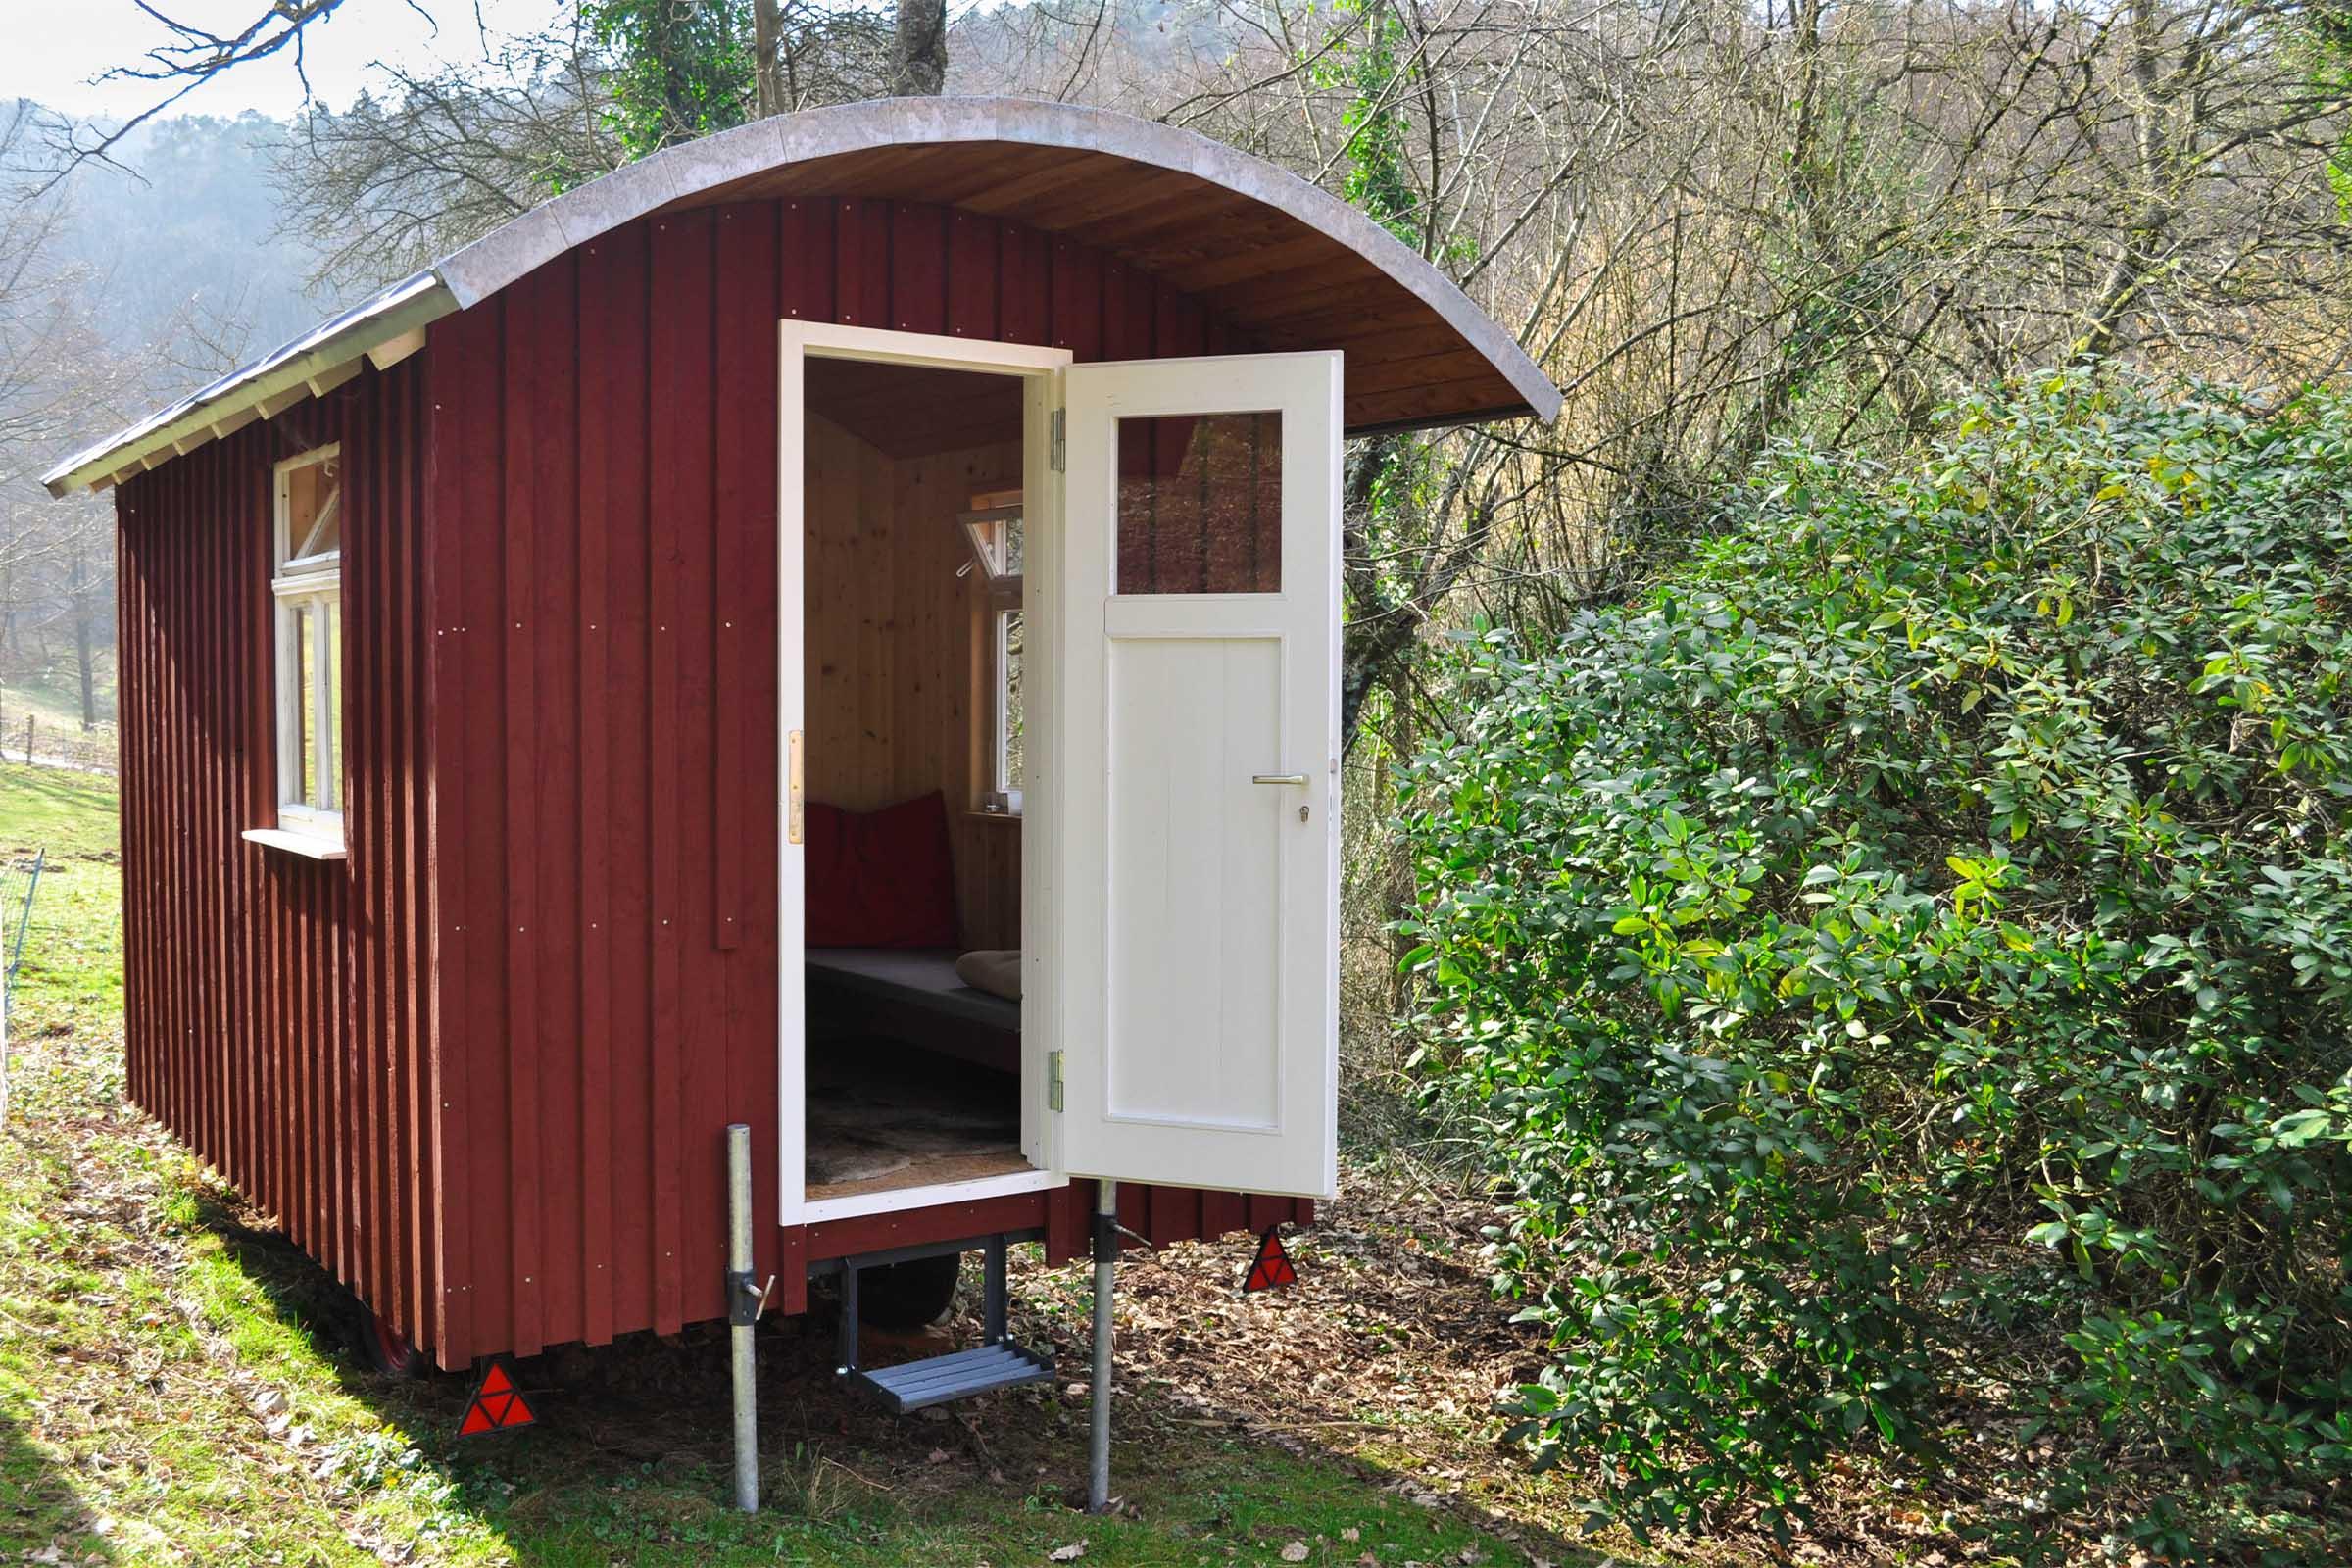 Saunawagen mieten, Saunawagen kaufen